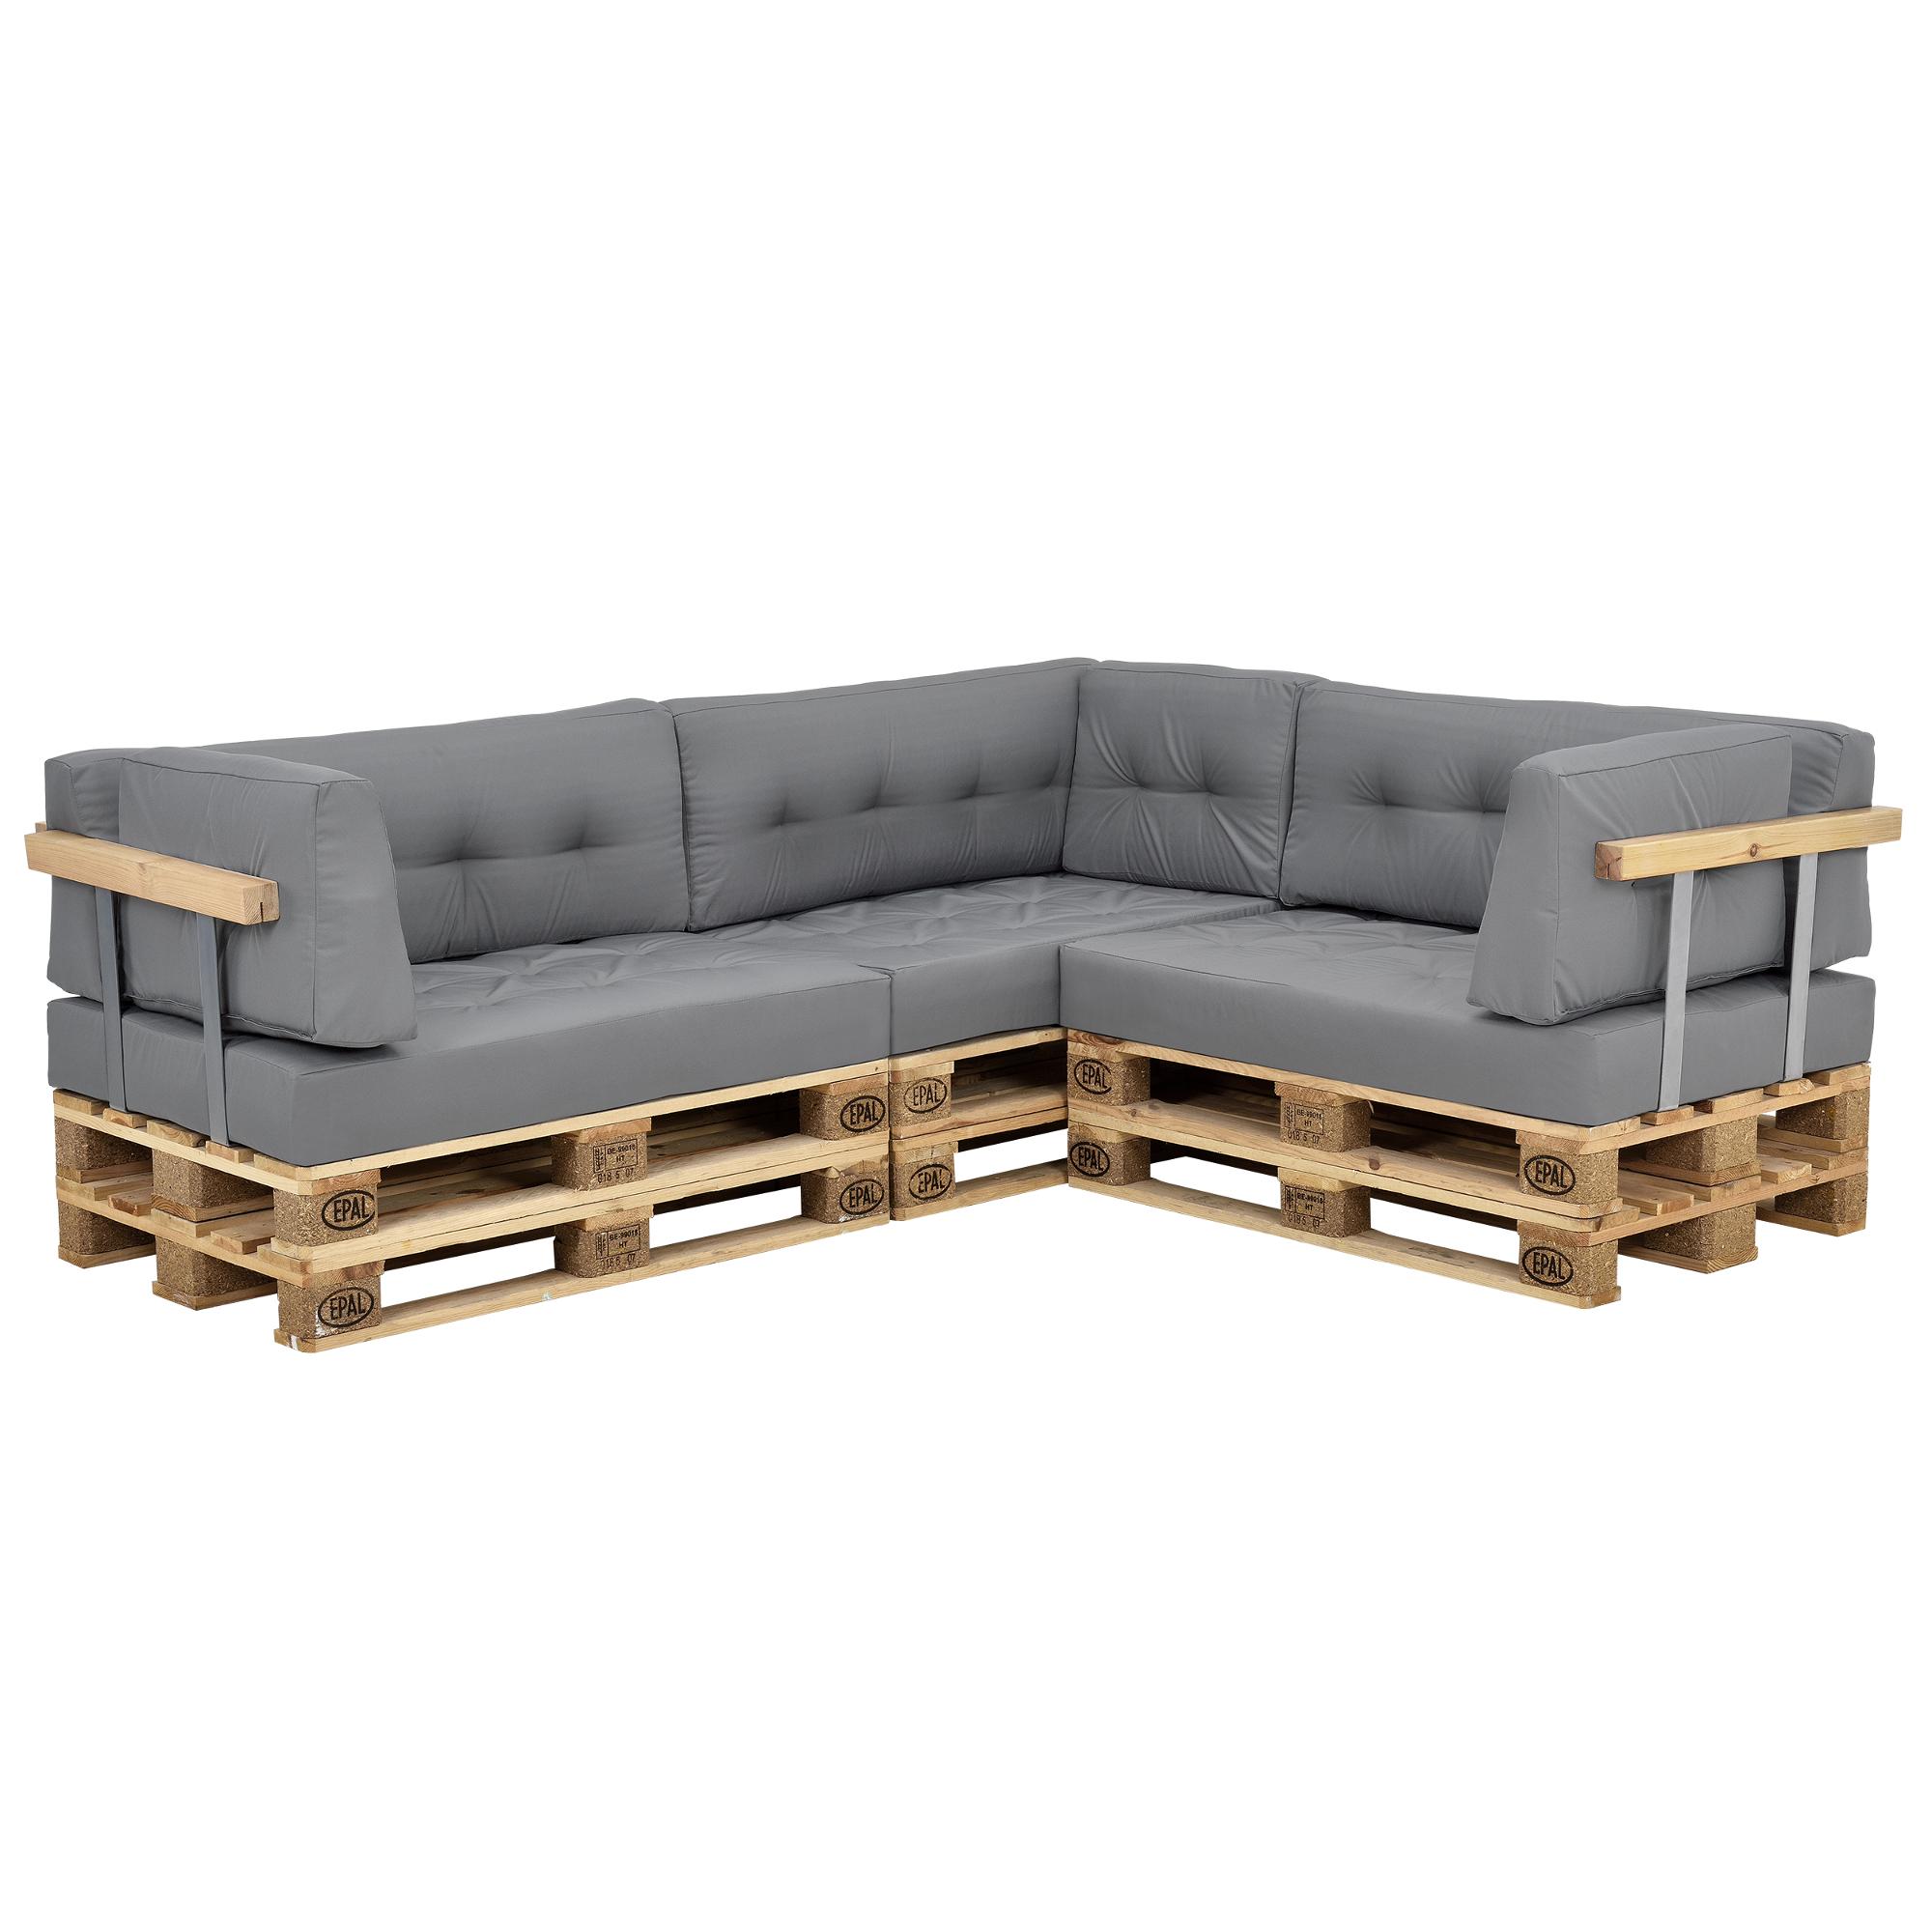 kissen 3xHTNK 9102 3x9105 3x9108 2pal mit lehne Top Result 50 Unique Waterproof Patio Furniture Covers Pic 2017 Iqt4